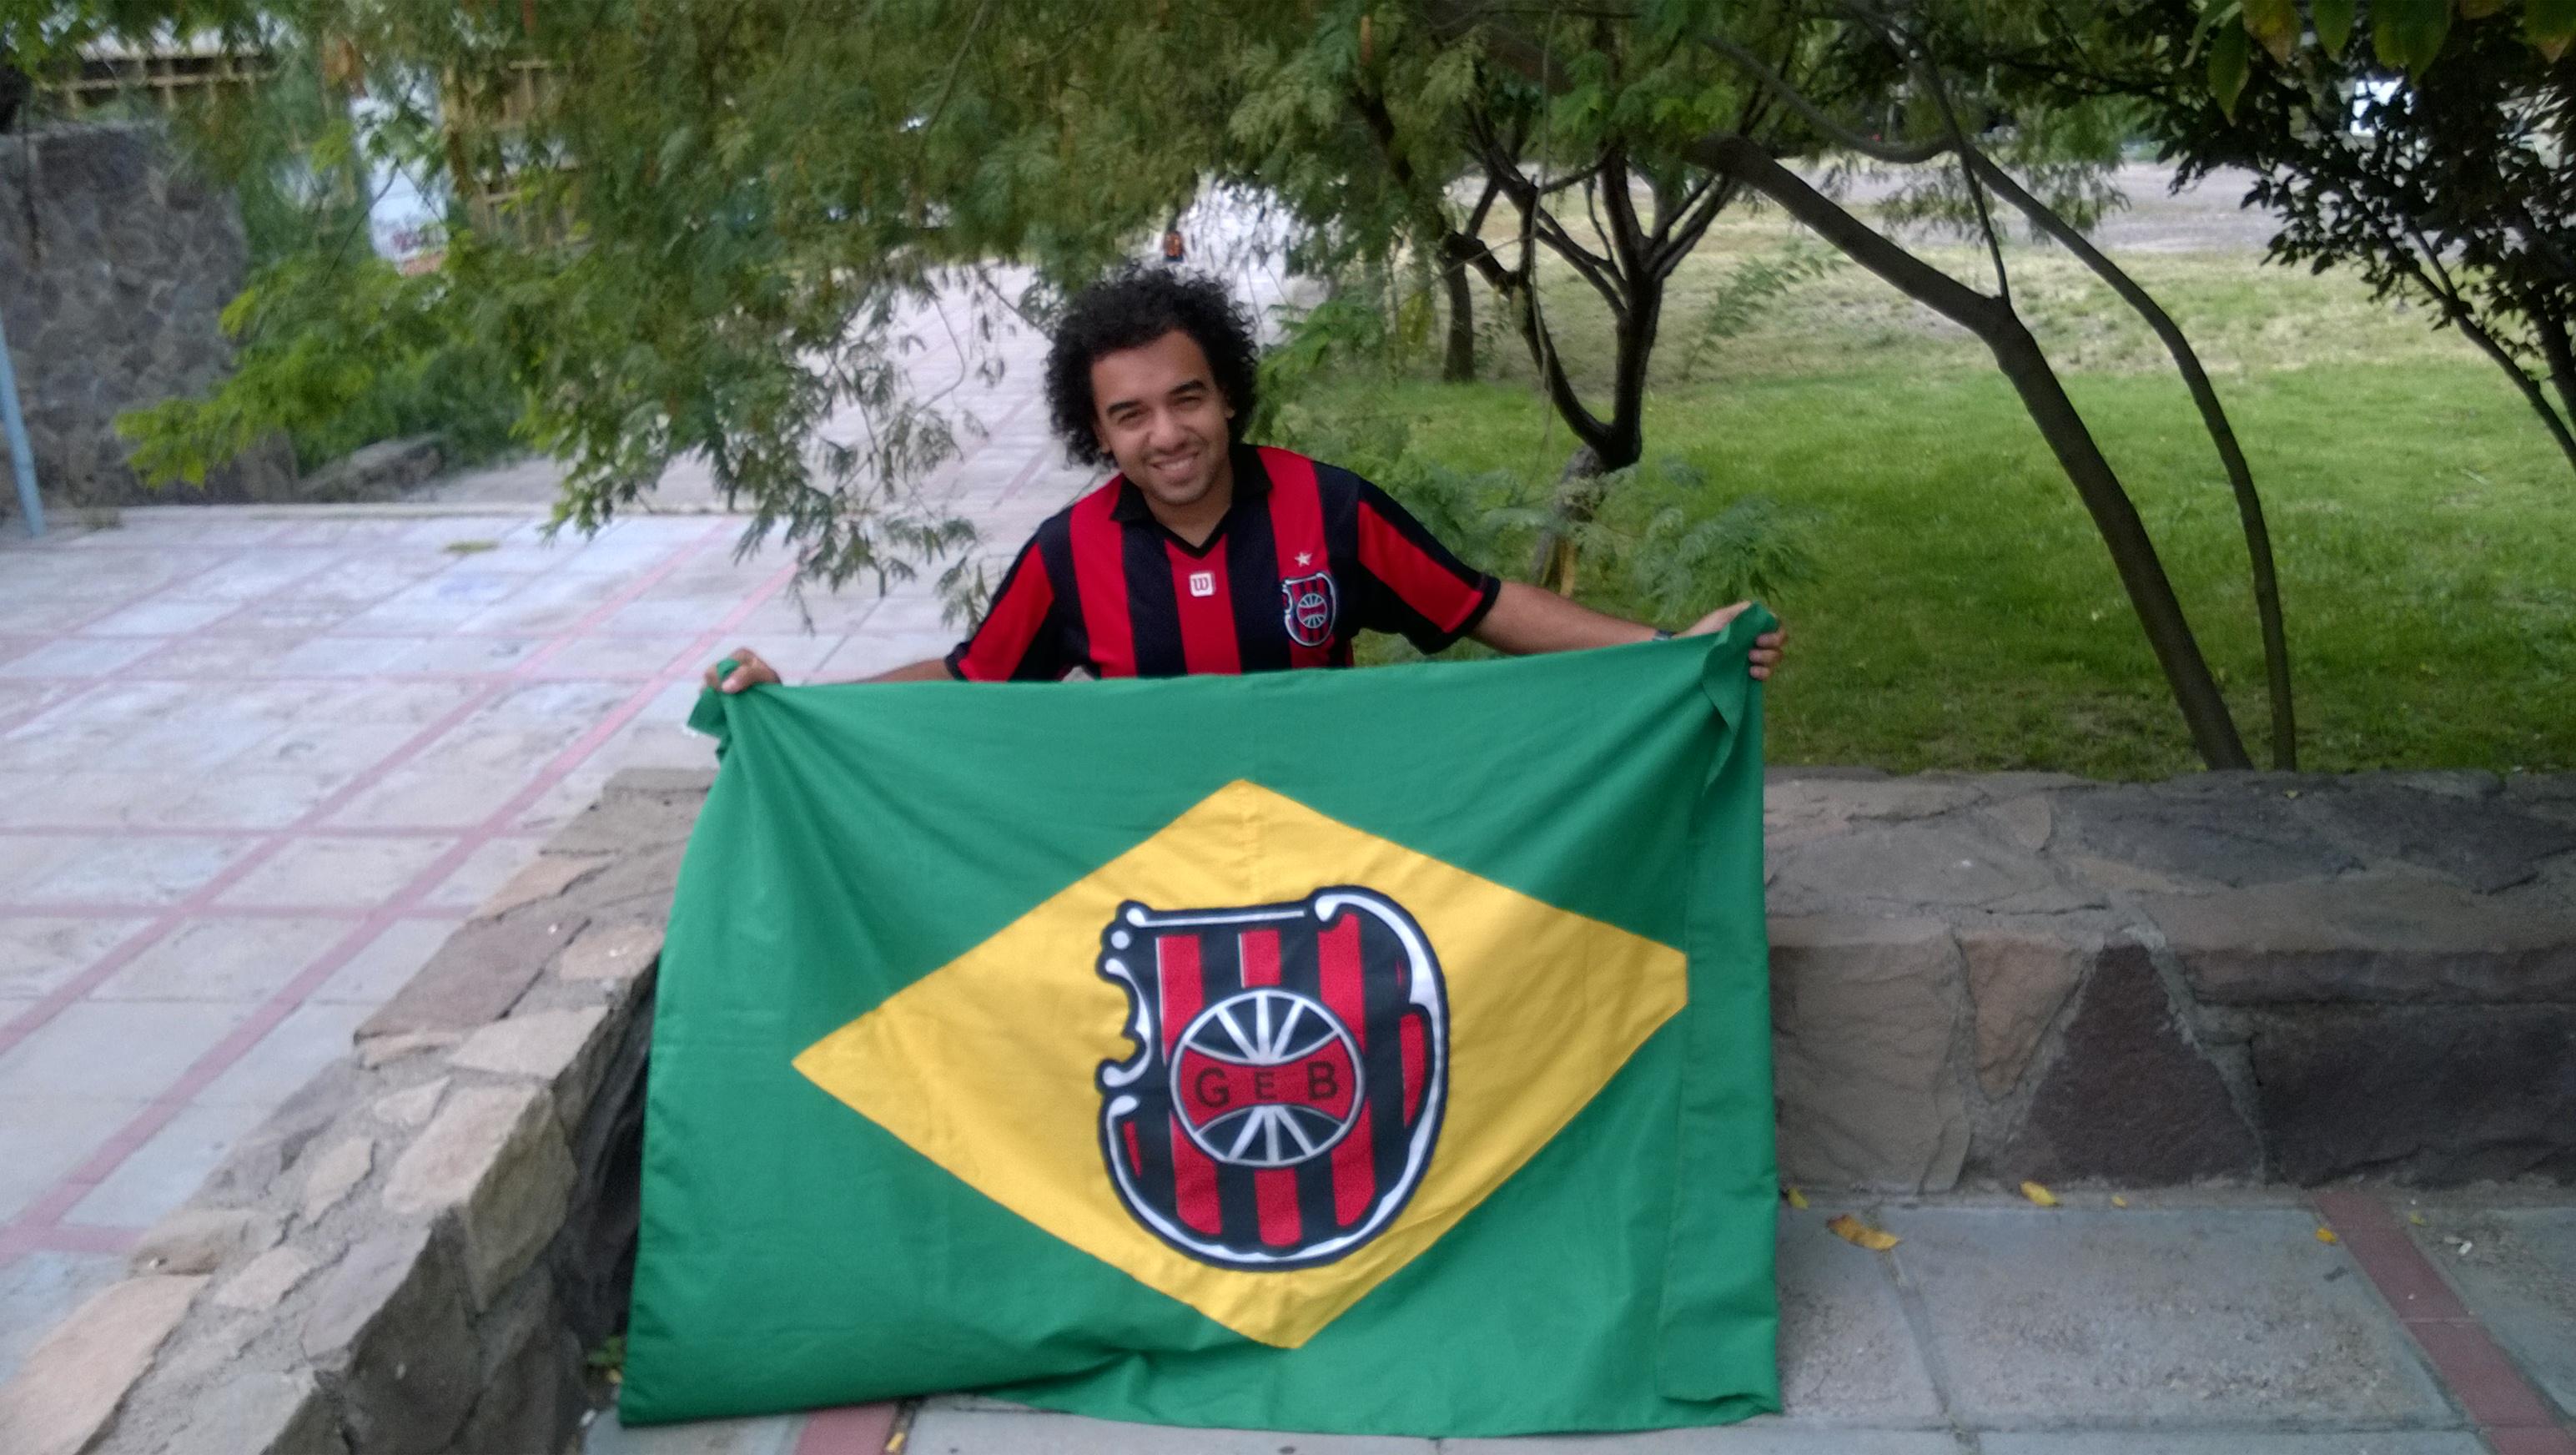 Der angehende Ingenieur Diego »Marcelo« Gomes mit der Flagge seines Lieblingsvereins (Bild: T. Zwior)